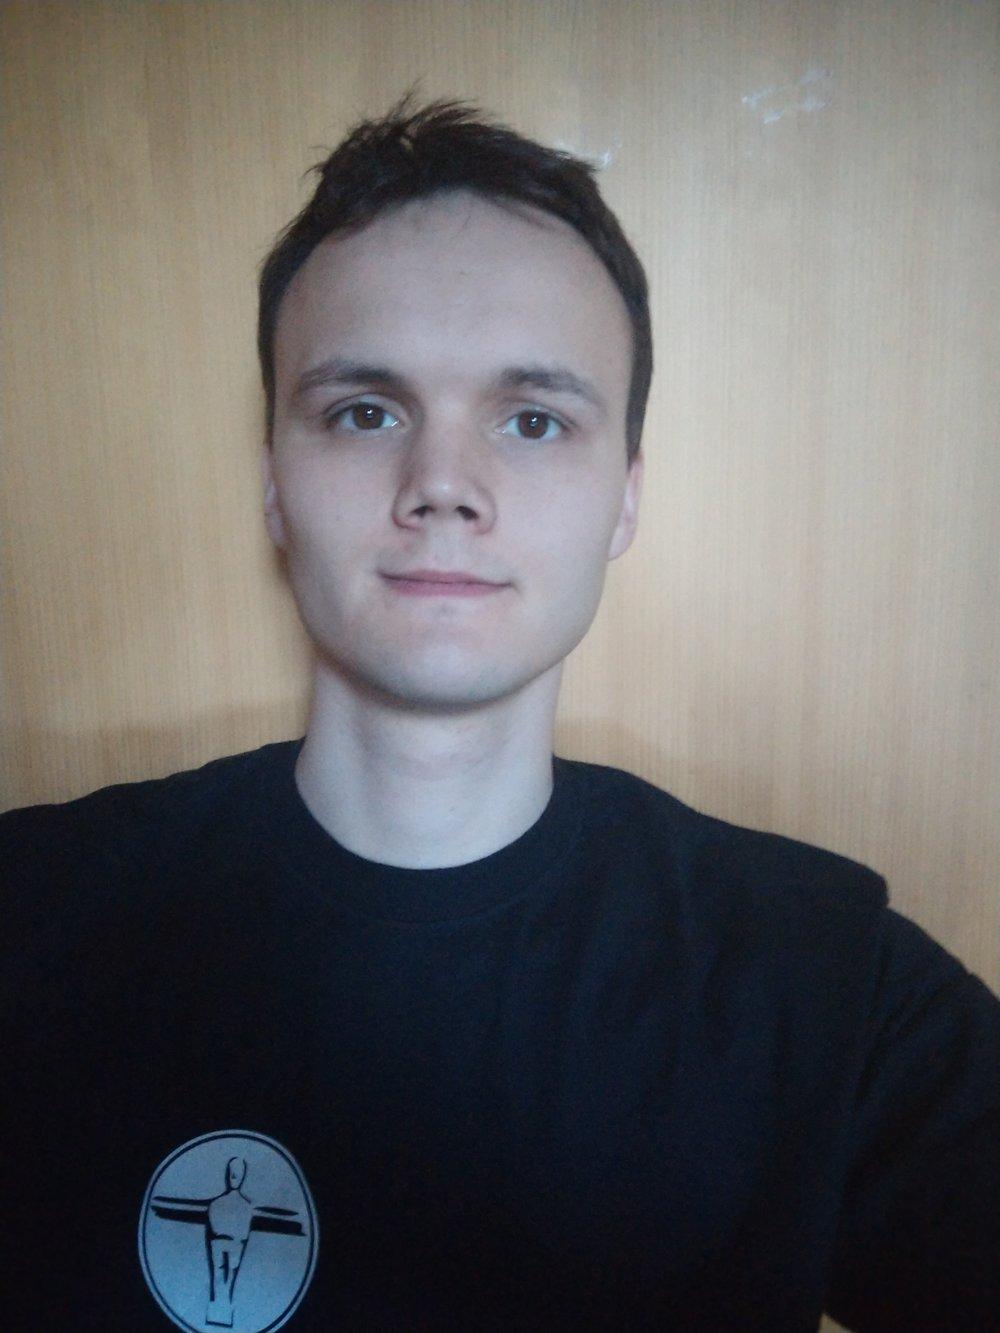 Stefan Knutti, BE